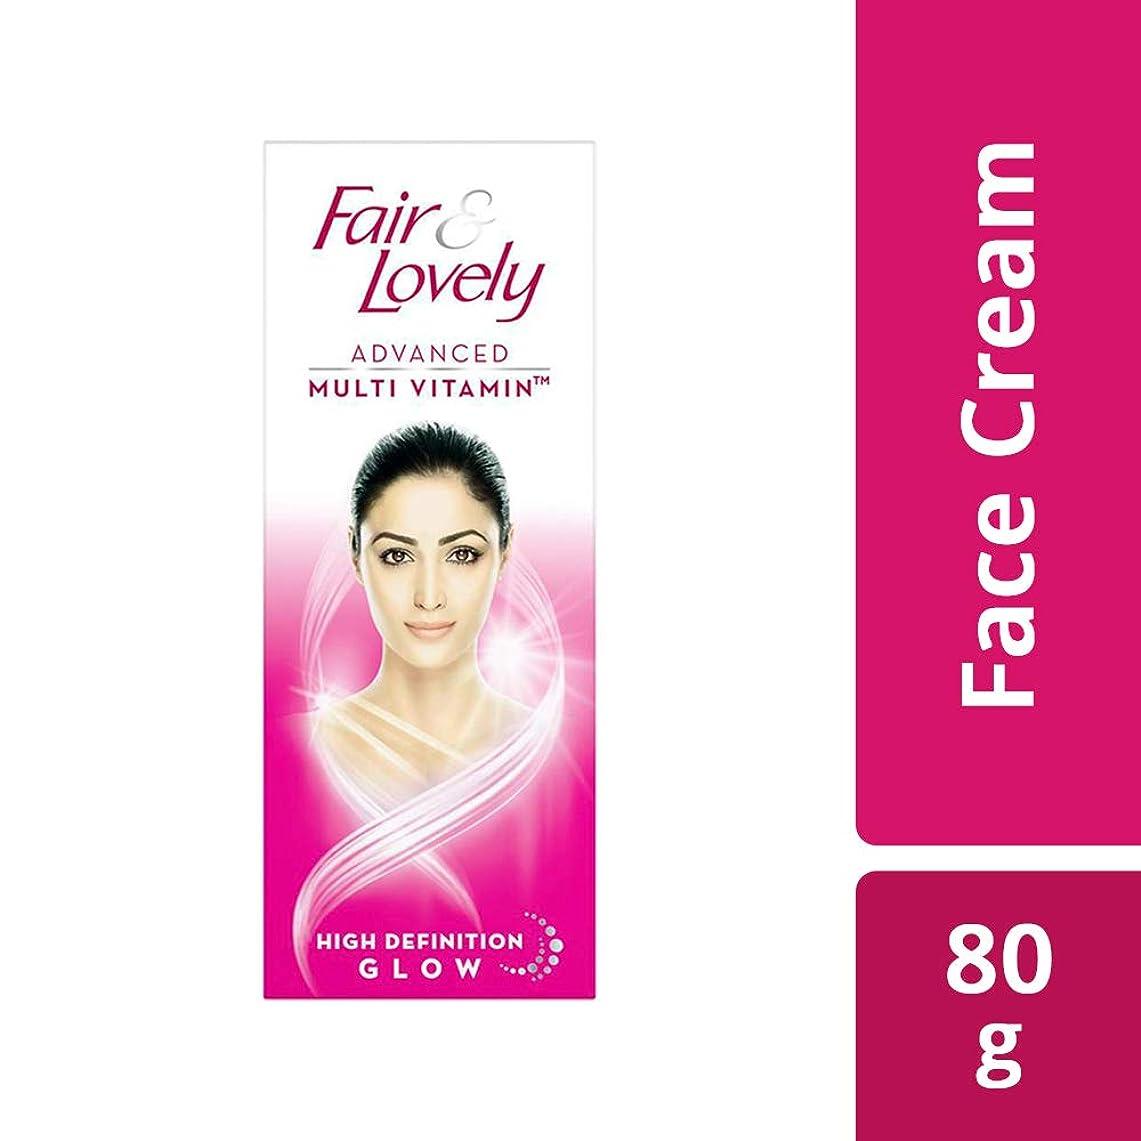 同一性つぶやき寝てるFair & Lovely Advanced Multi Vitamin Face Cream, 80g